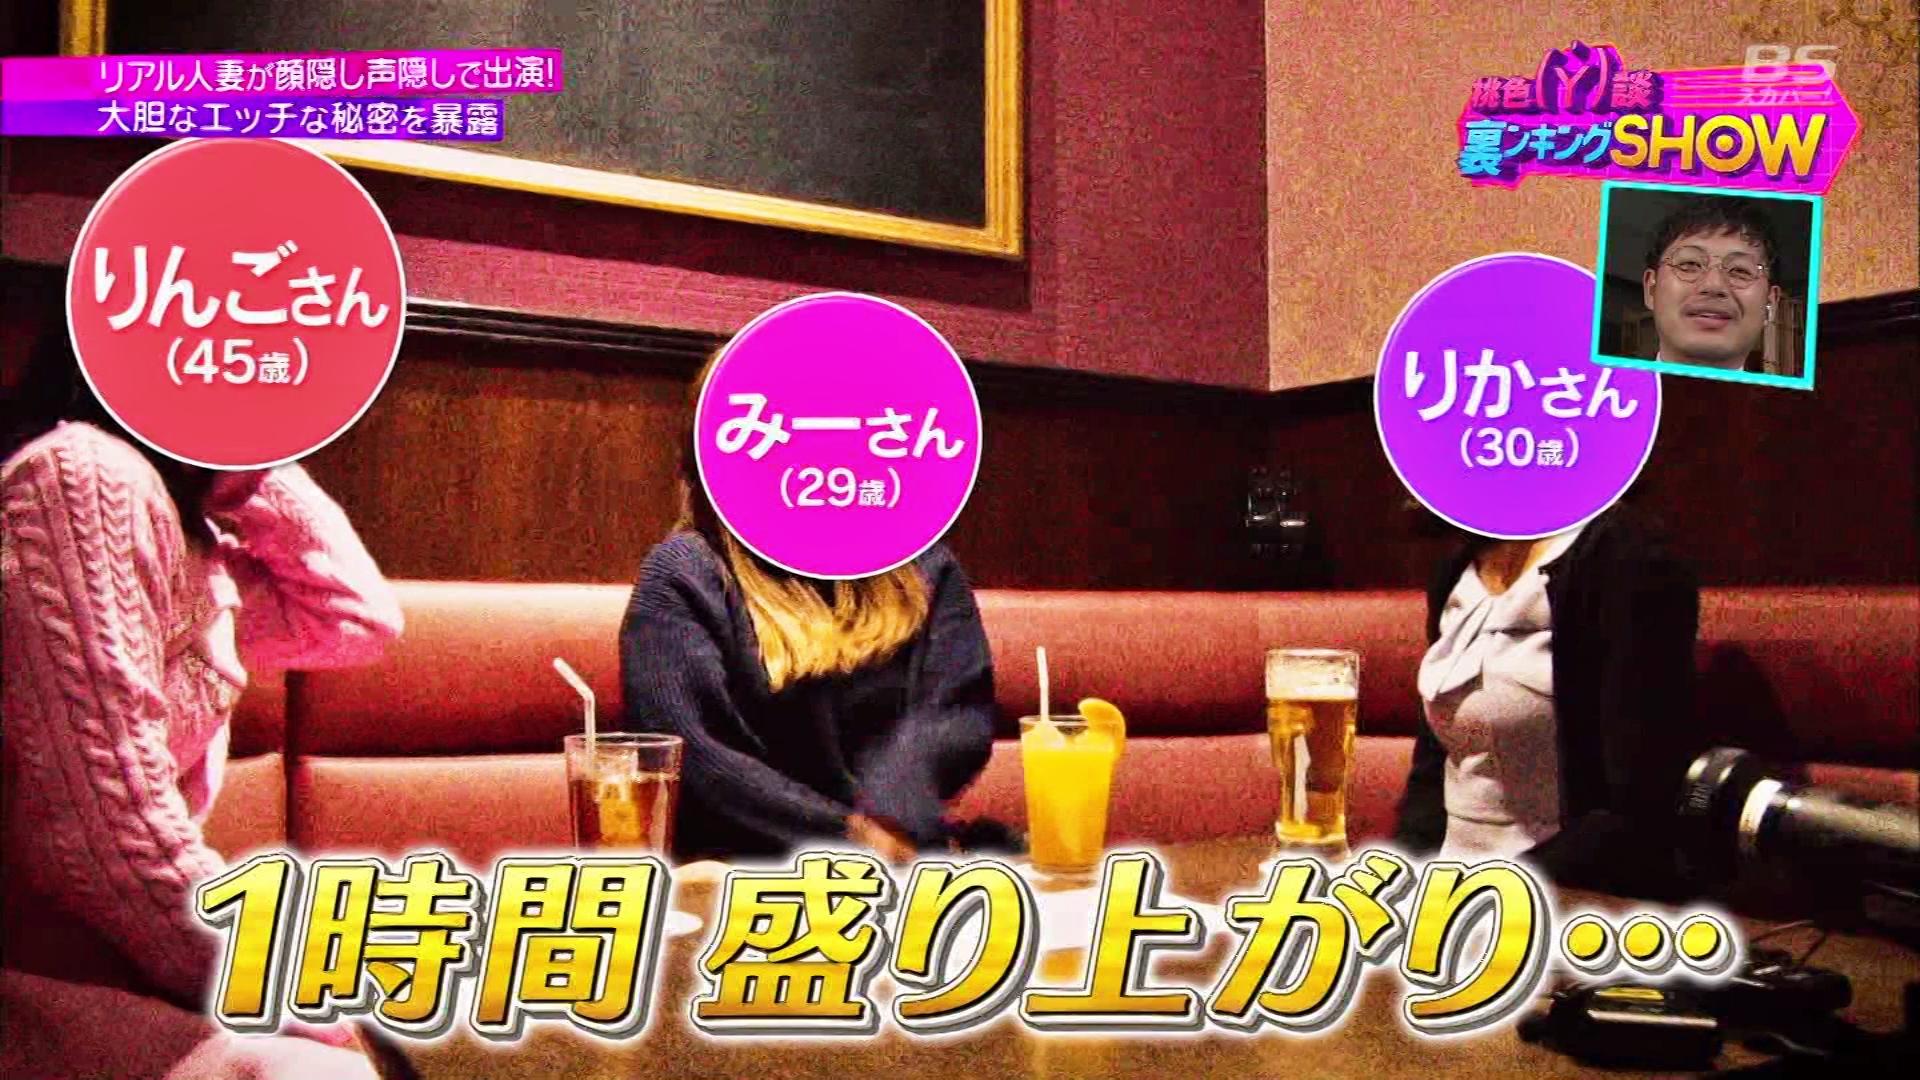 BSスカパー!「桃色Y談 裏ンキングSHOW」♯9「人妻のリアルな秘密」のテレビキャプチャー画像-010